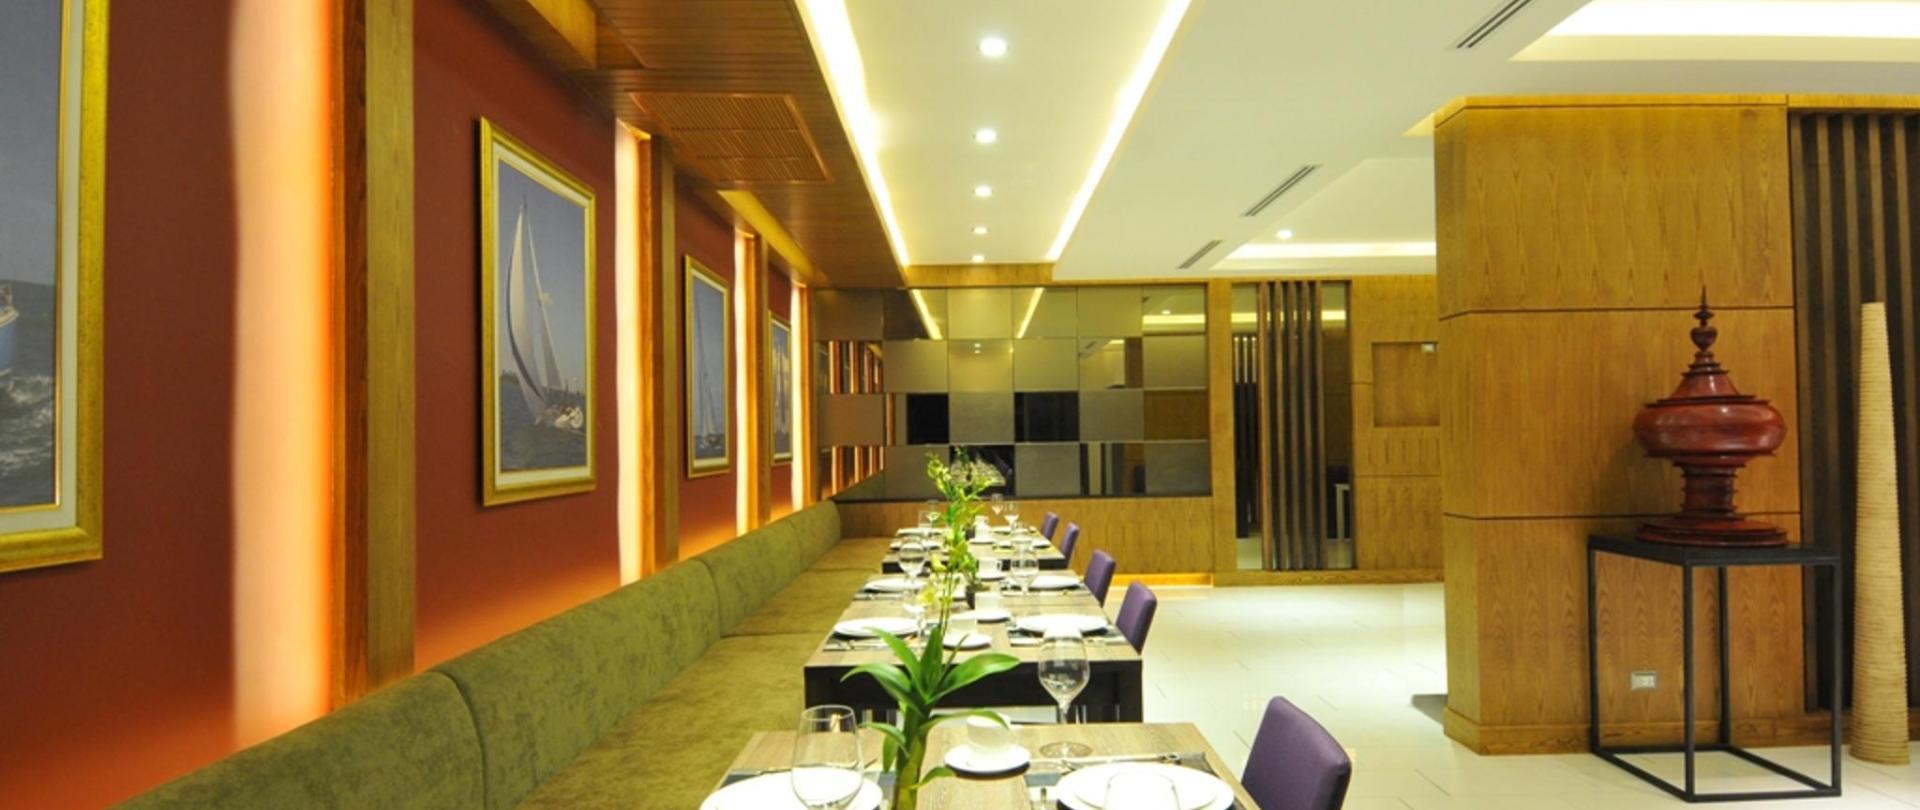 TheBay_Restaurant_04.jpg